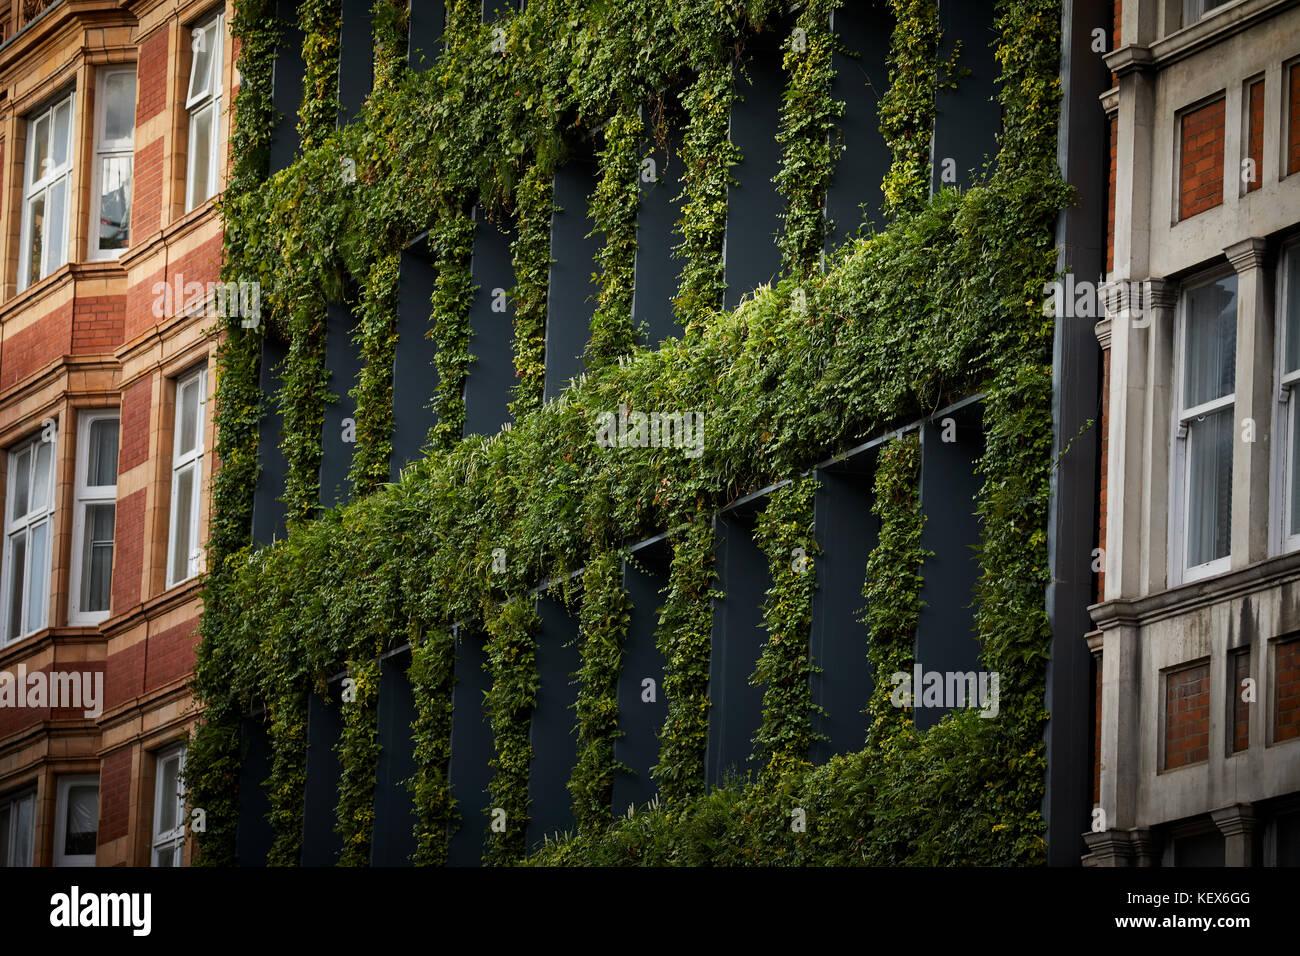 Piante sempreverdi muro vivente per la facciata della casa di sinergia su Southampton Row A Londra la città Immagini Stock